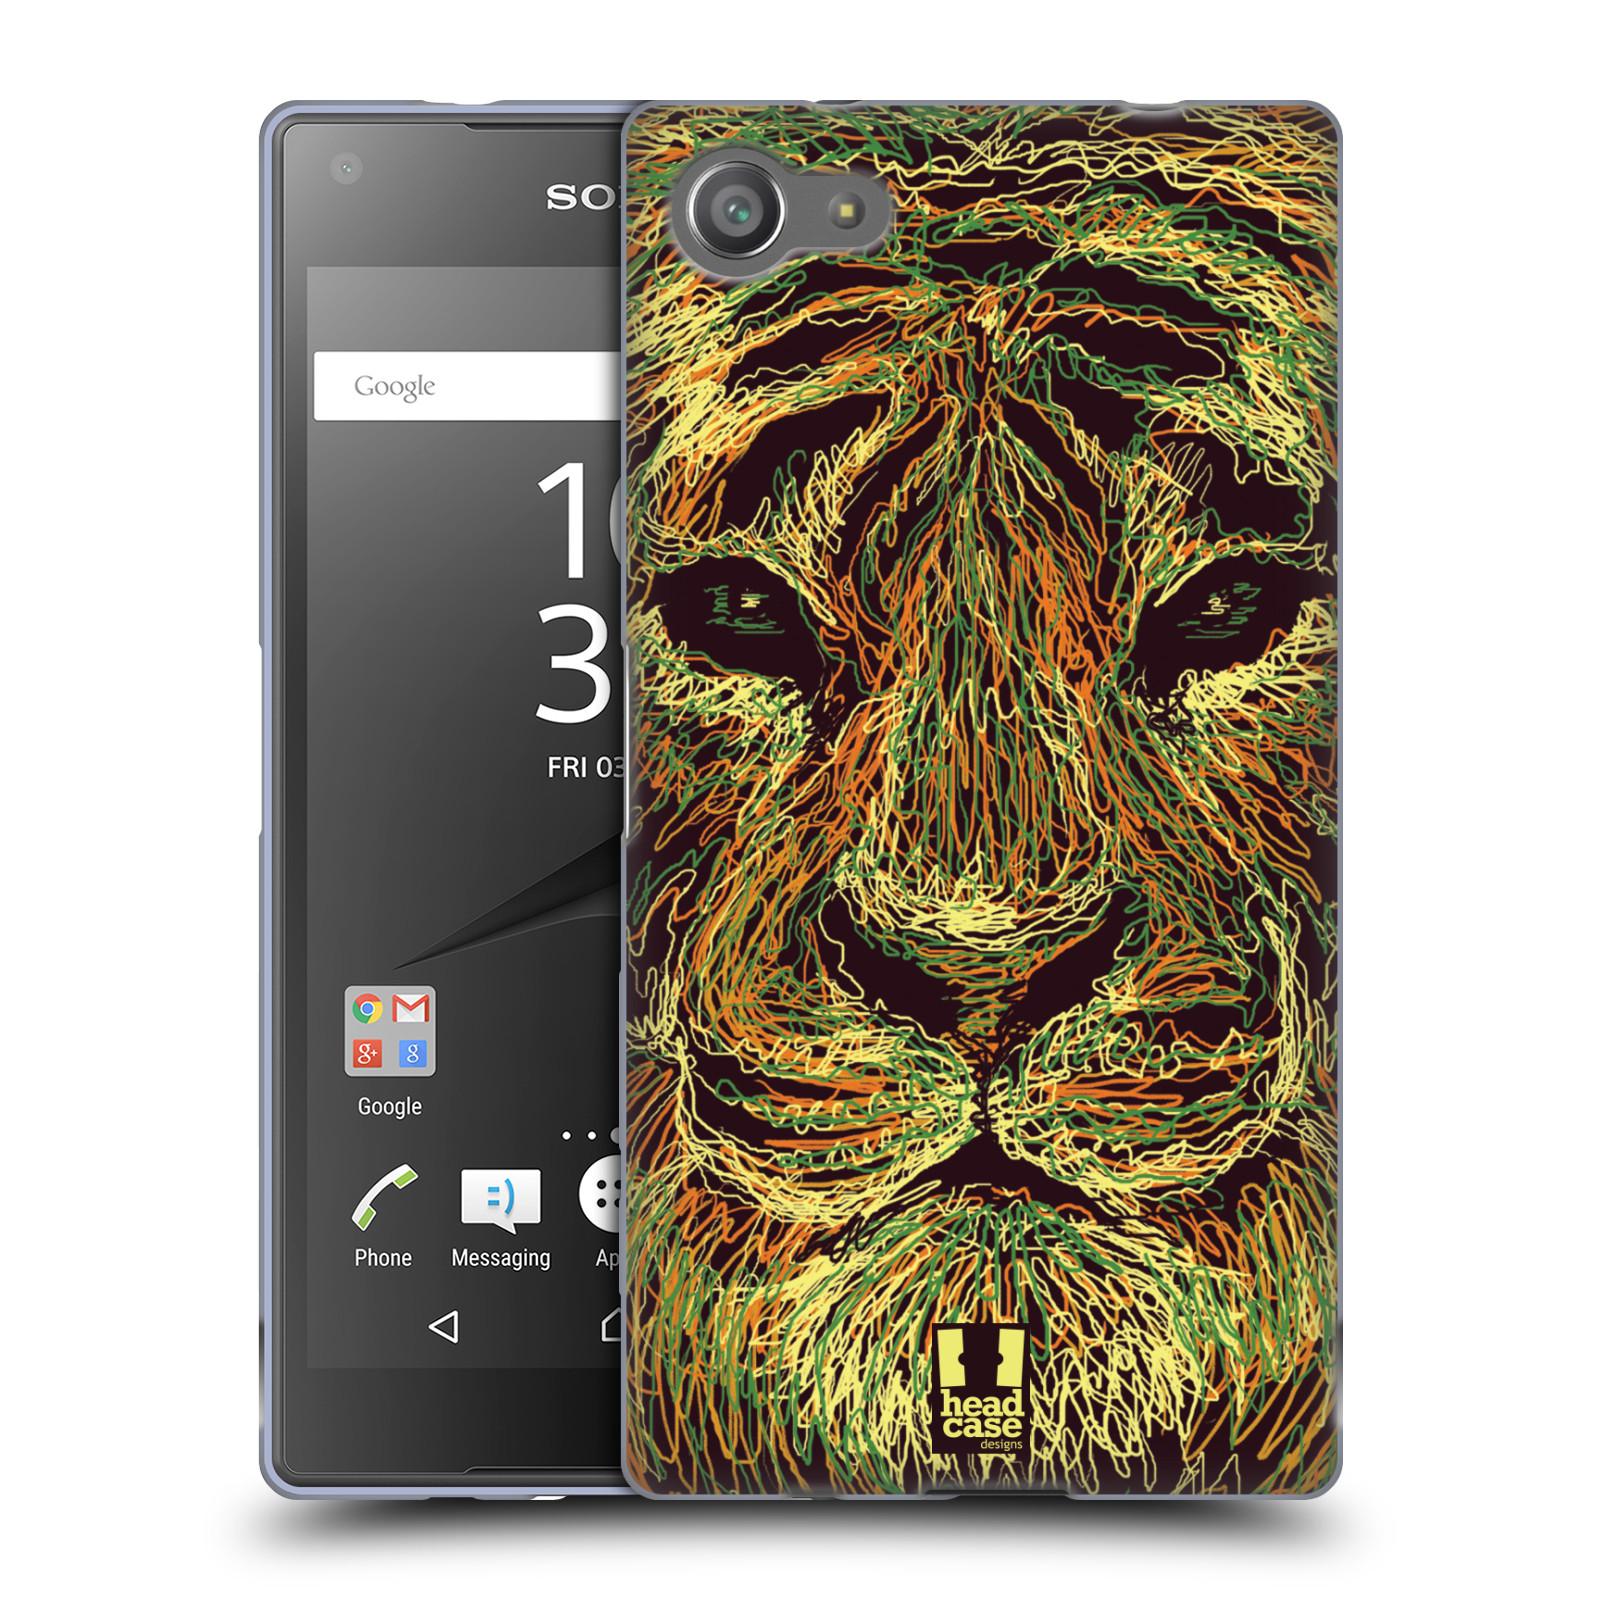 HEAD CASE silikonový obal na mobil Sony Xperia Z5 COMPACT vzor zvíře čmáranice tygr